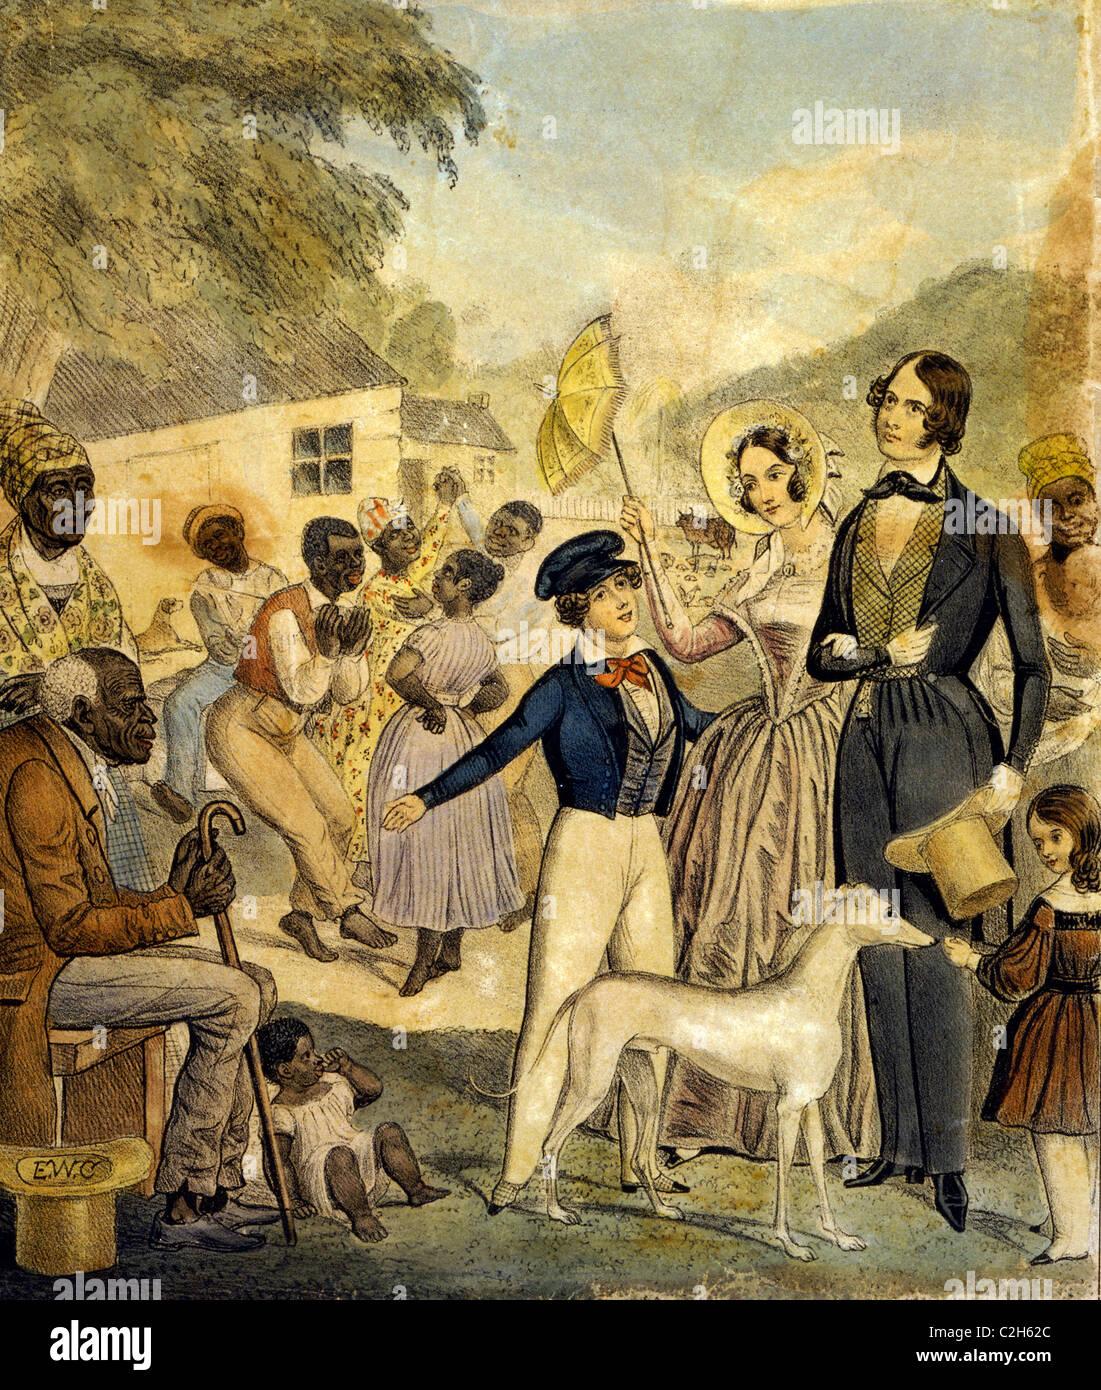 Un ritratto idealizzato di American la schiavitù e le condizioni dei neri sotto questo sistema nel 1841. Immagini Stock